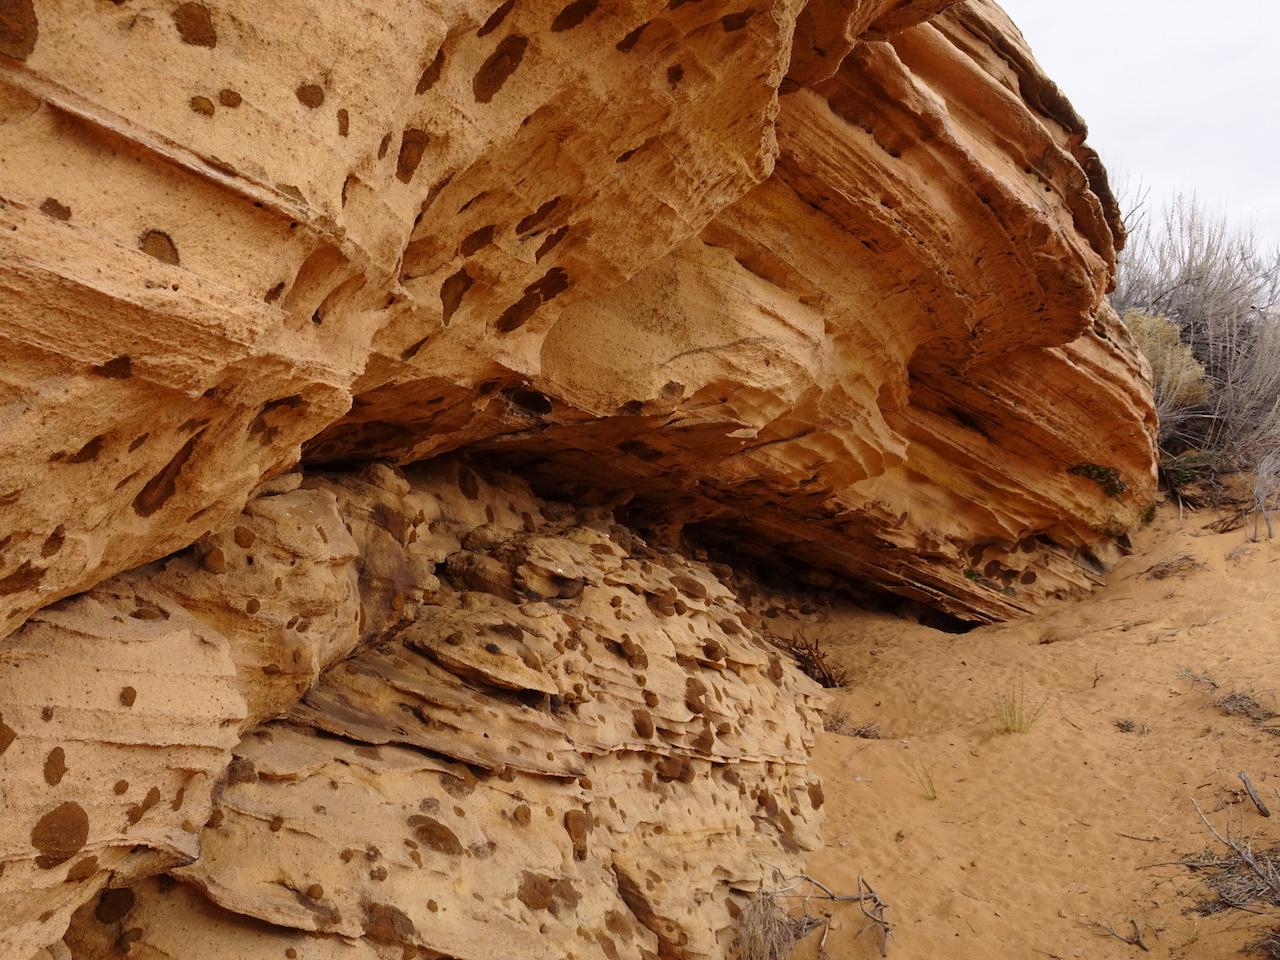 VermilionCliffs-NortheastOverlooks-06032016-DSC00341.JPG